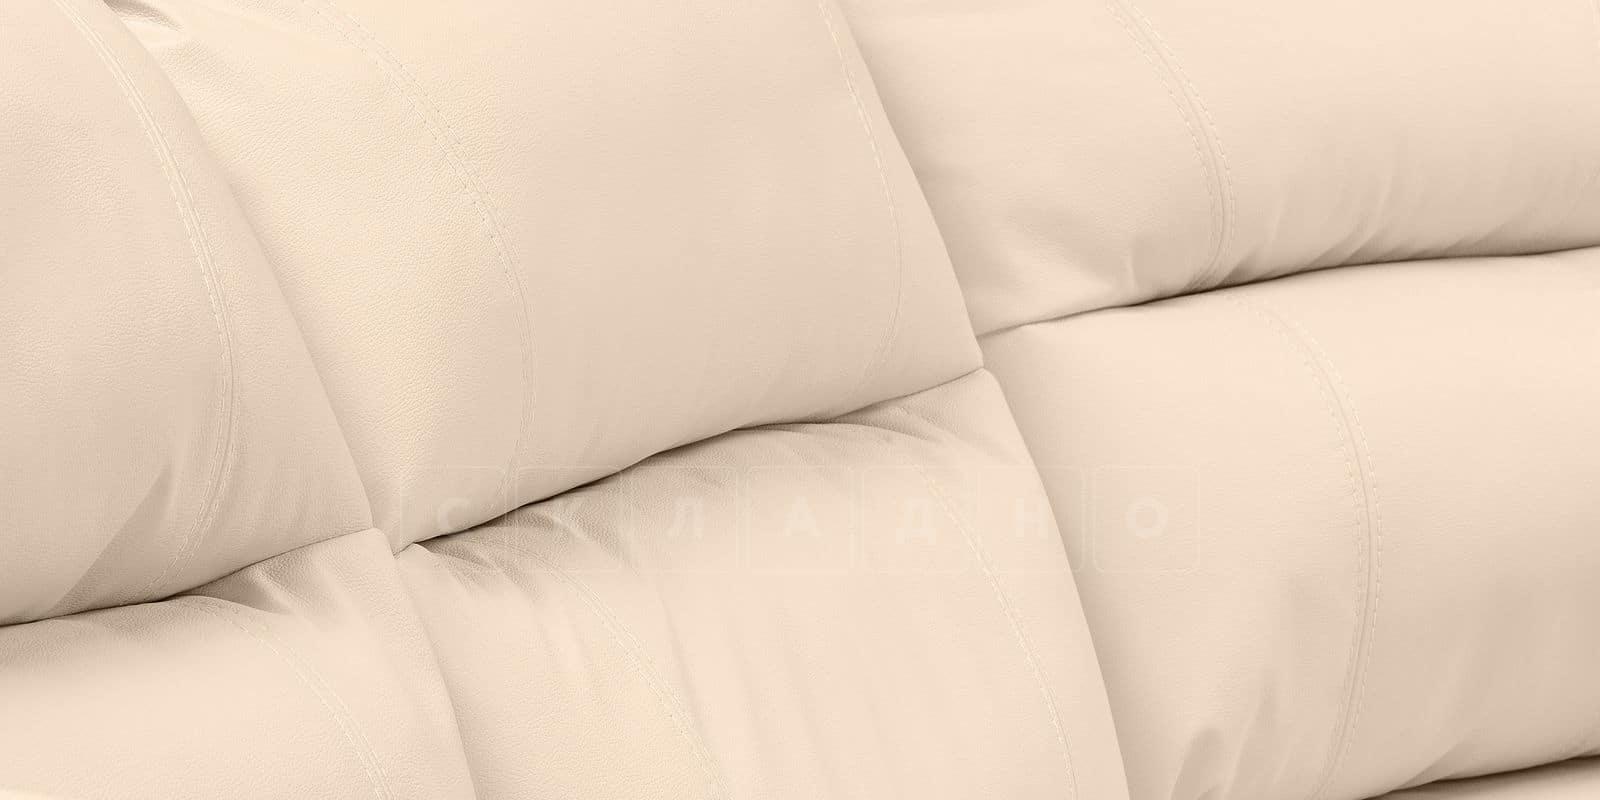 Диван угловой Бристоль кожаный бежевого цвета правый угол фото 6 | интернет-магазин Складно